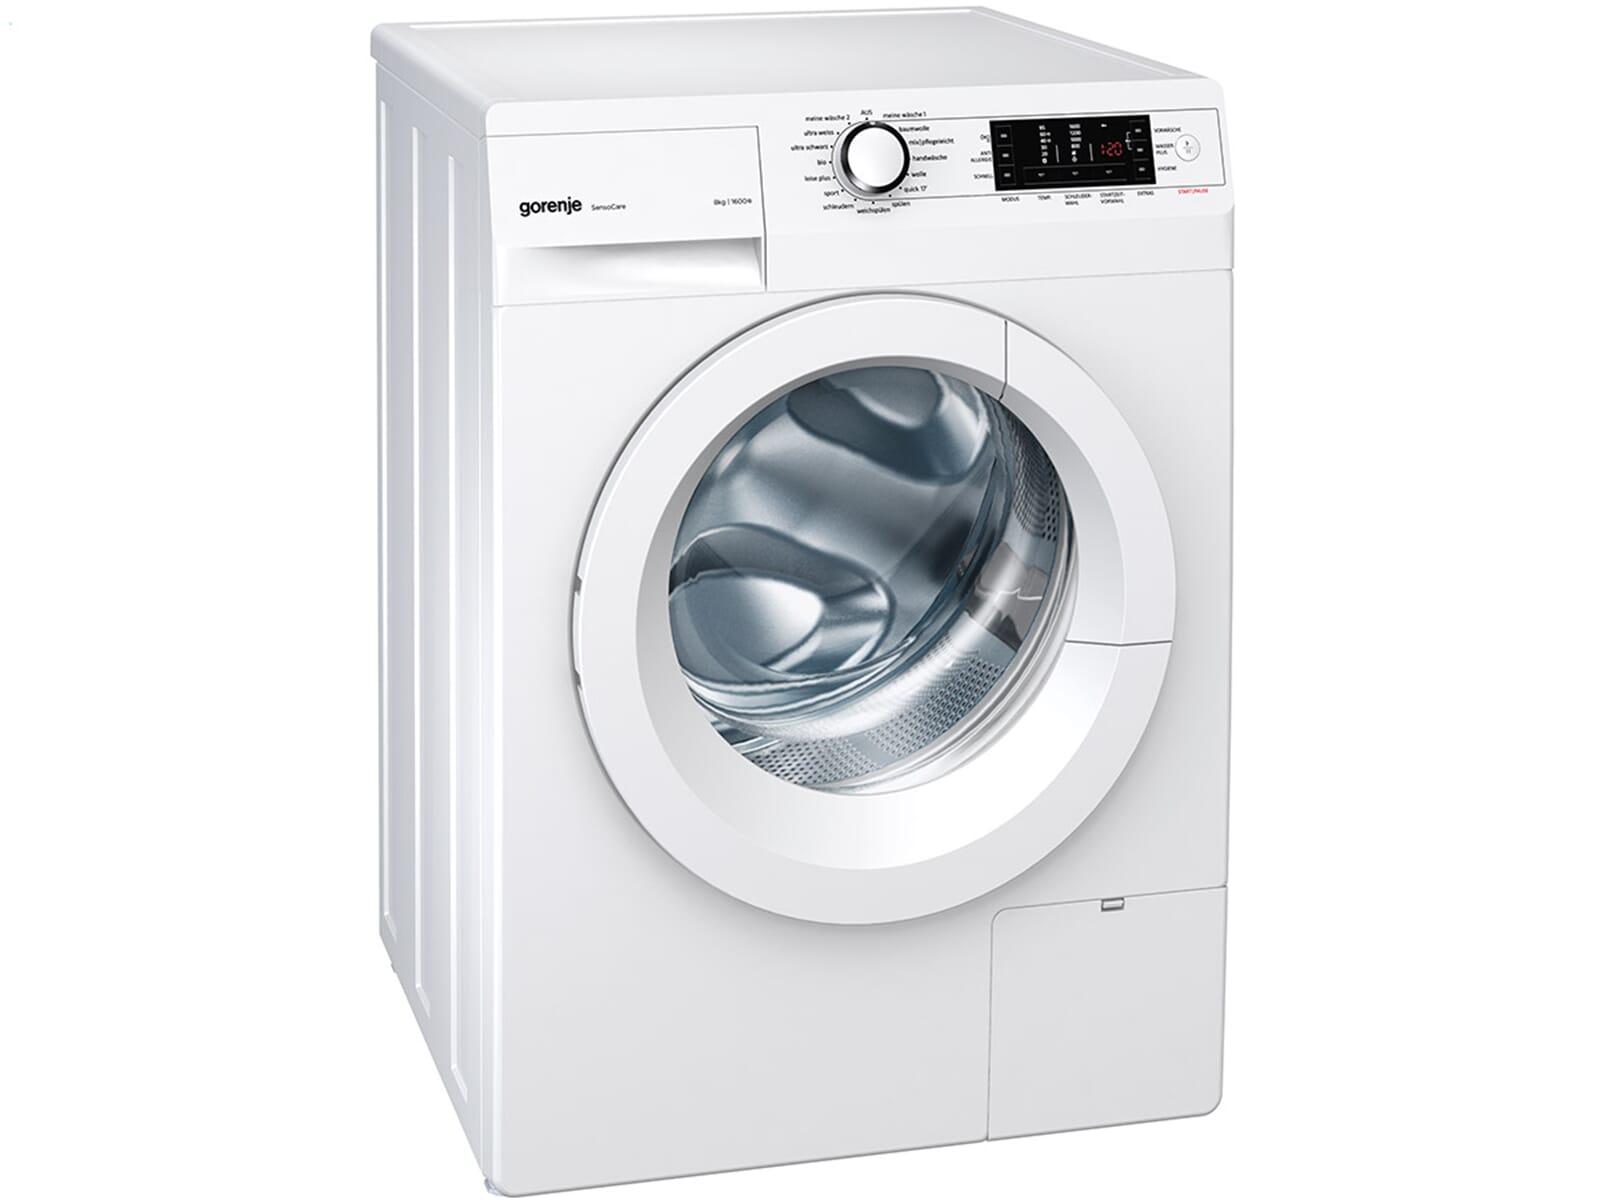 waschmaschinen test sonstige gorenje preisvergleiche erfahrungsberichte und kauf bei nextag. Black Bedroom Furniture Sets. Home Design Ideas